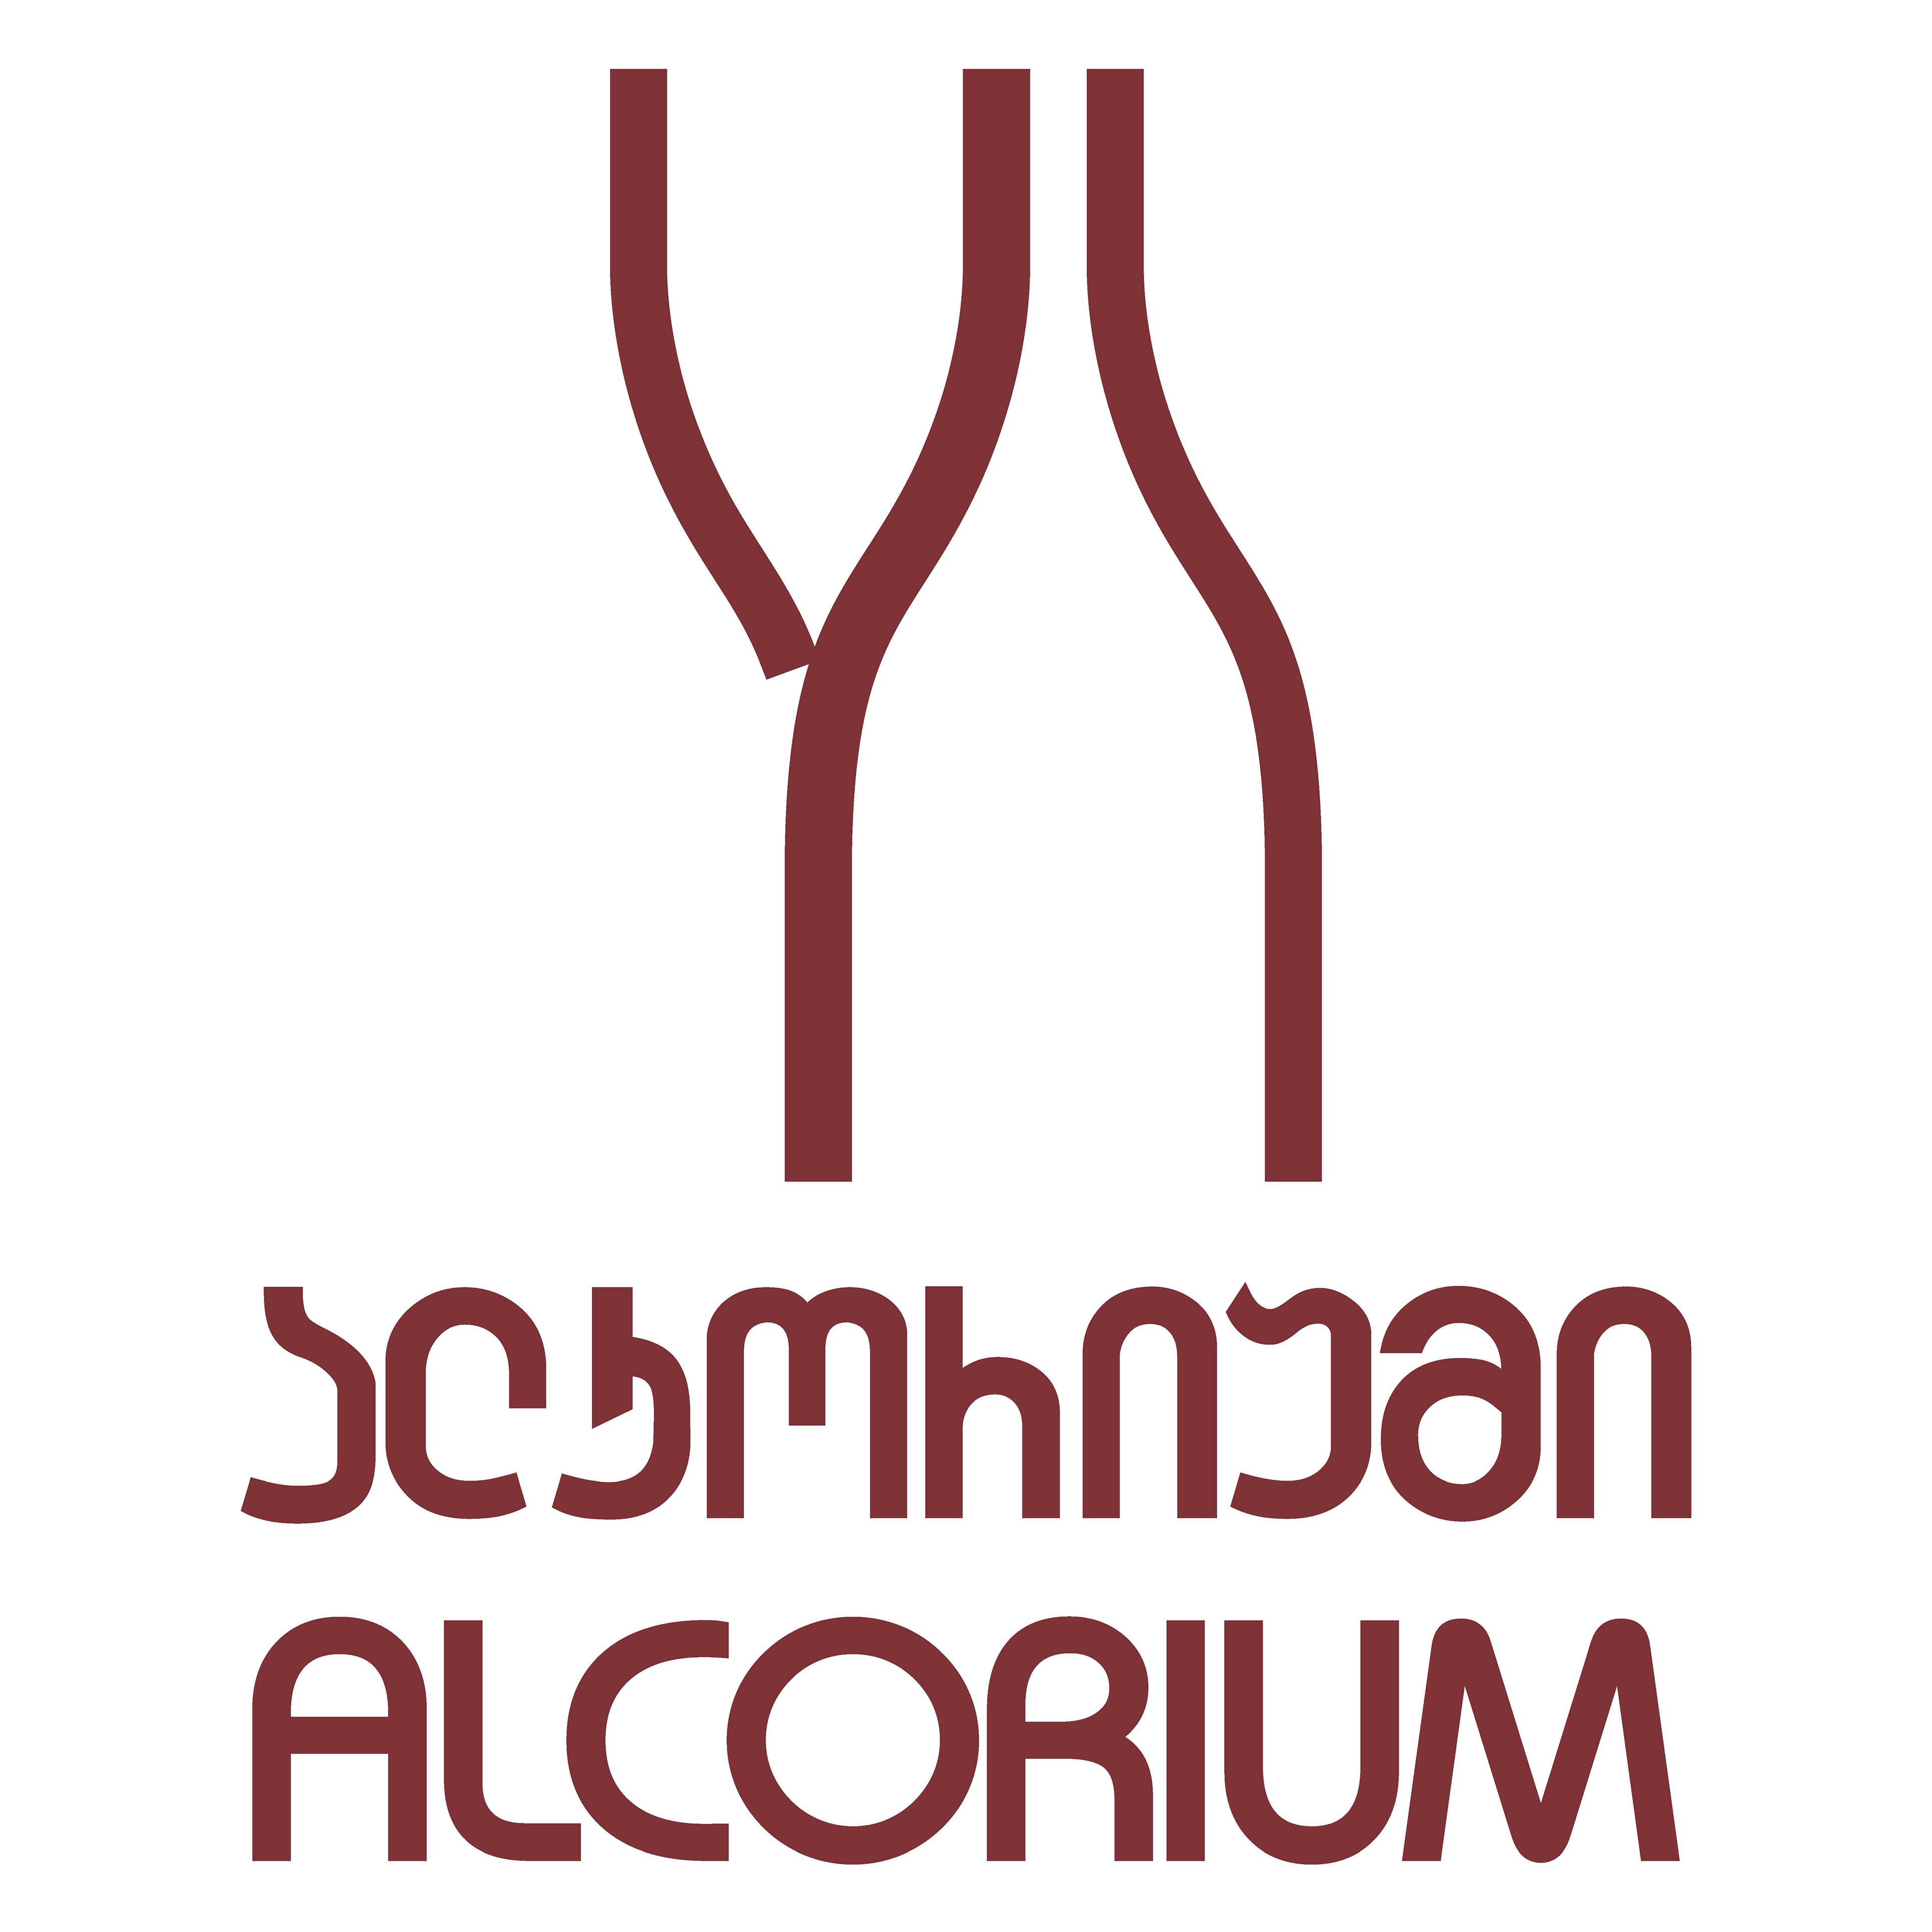 Alcorium